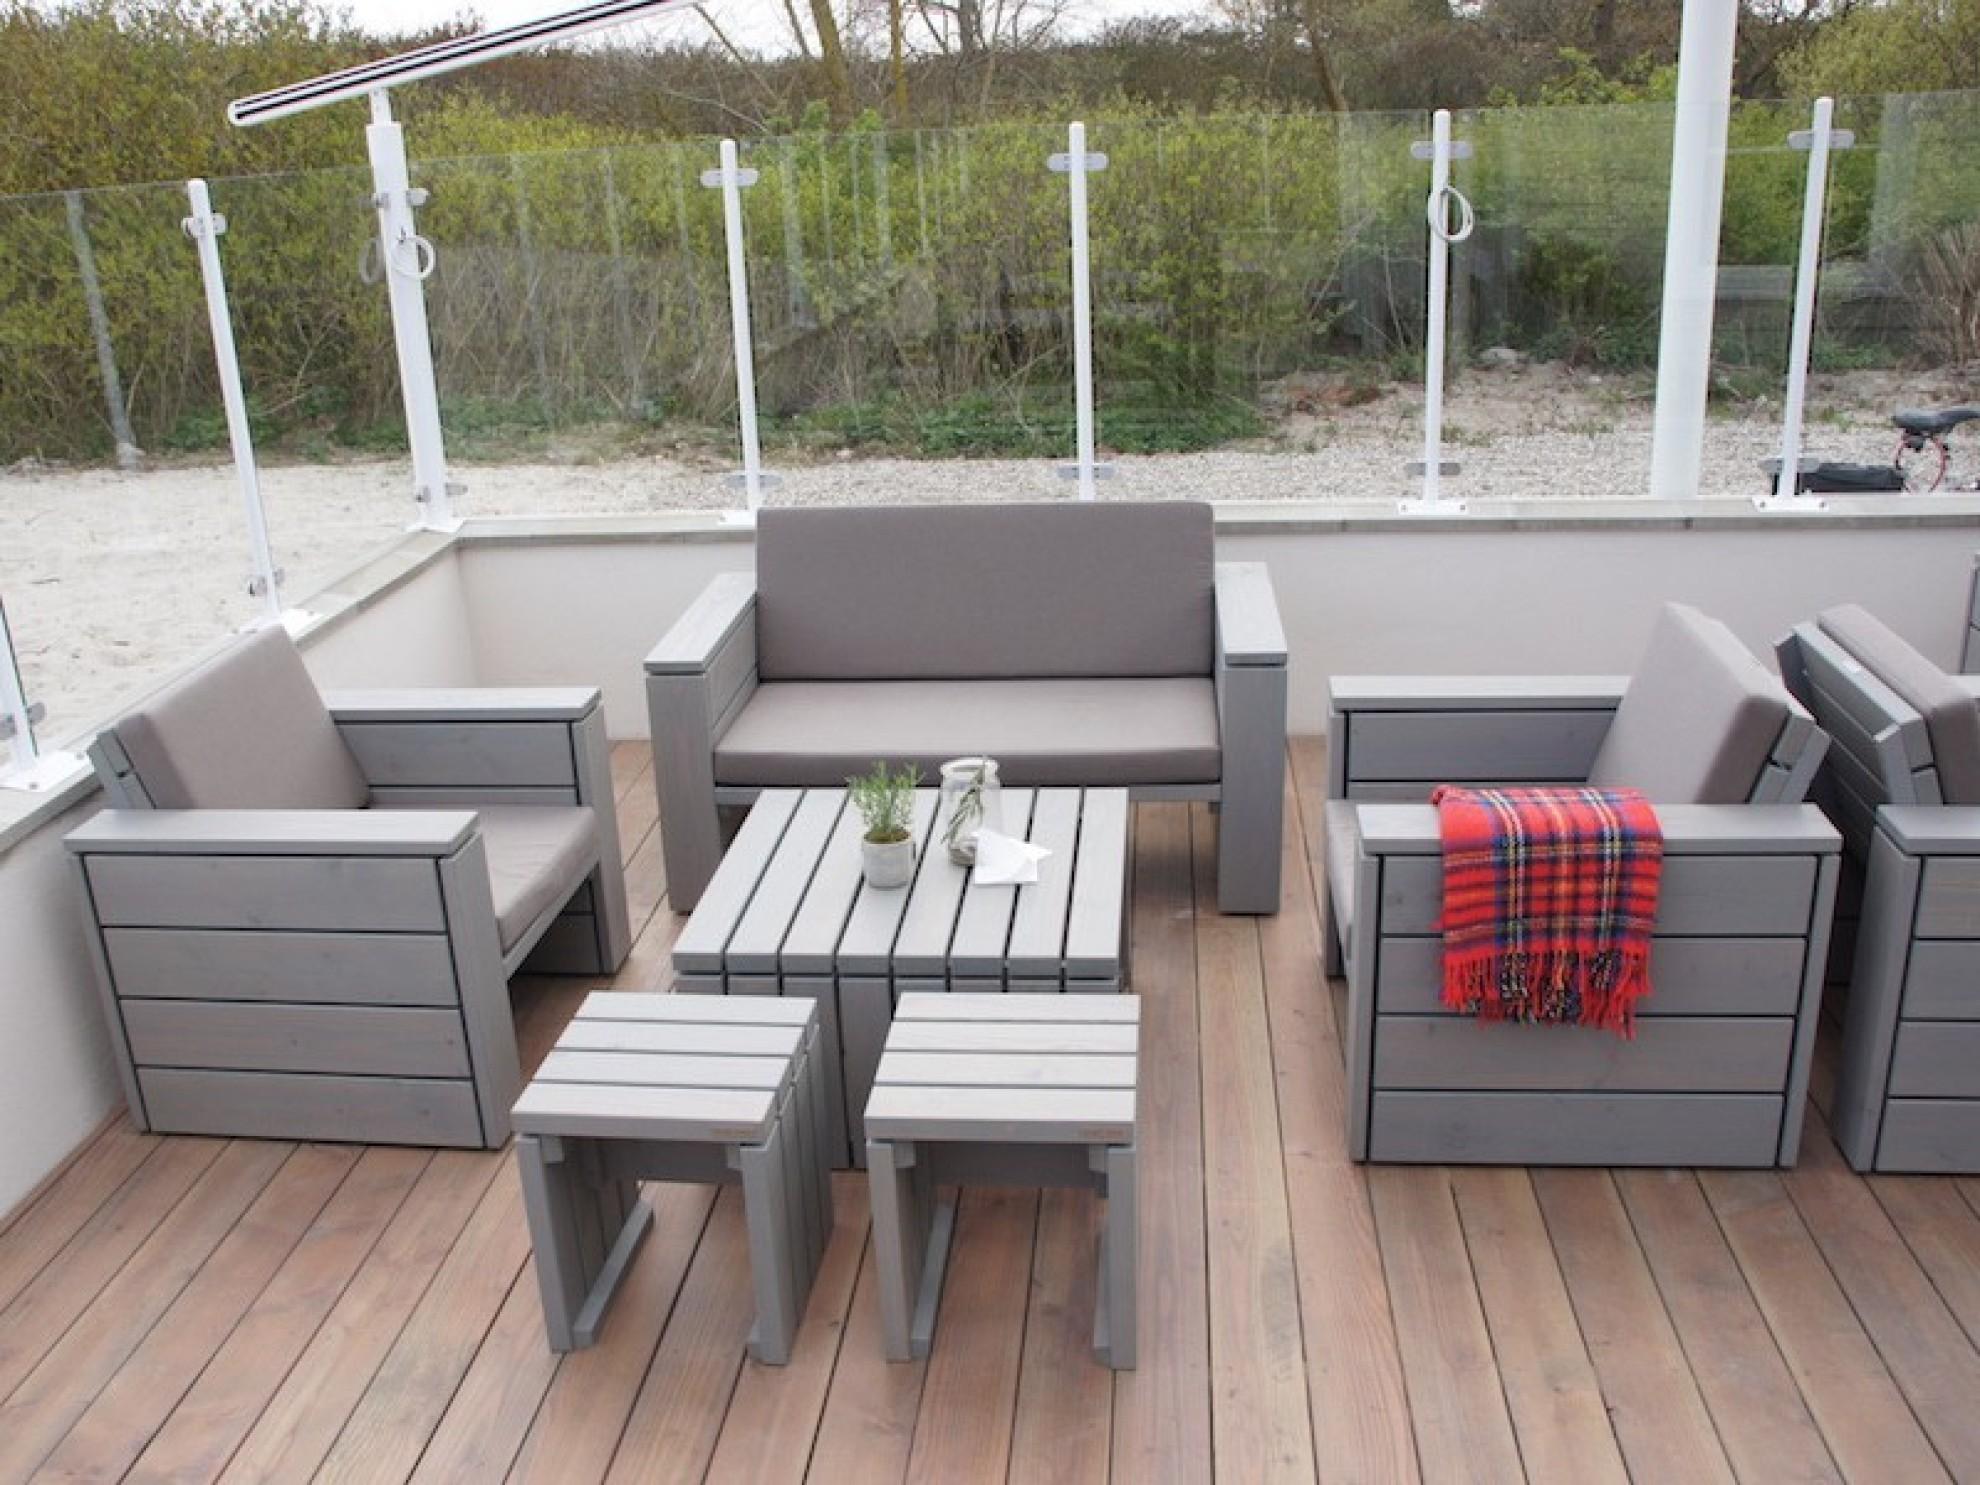 Fein Lounge Möbel Aus Holz Bilder - Die Kinderzimmer Design Ideen ...